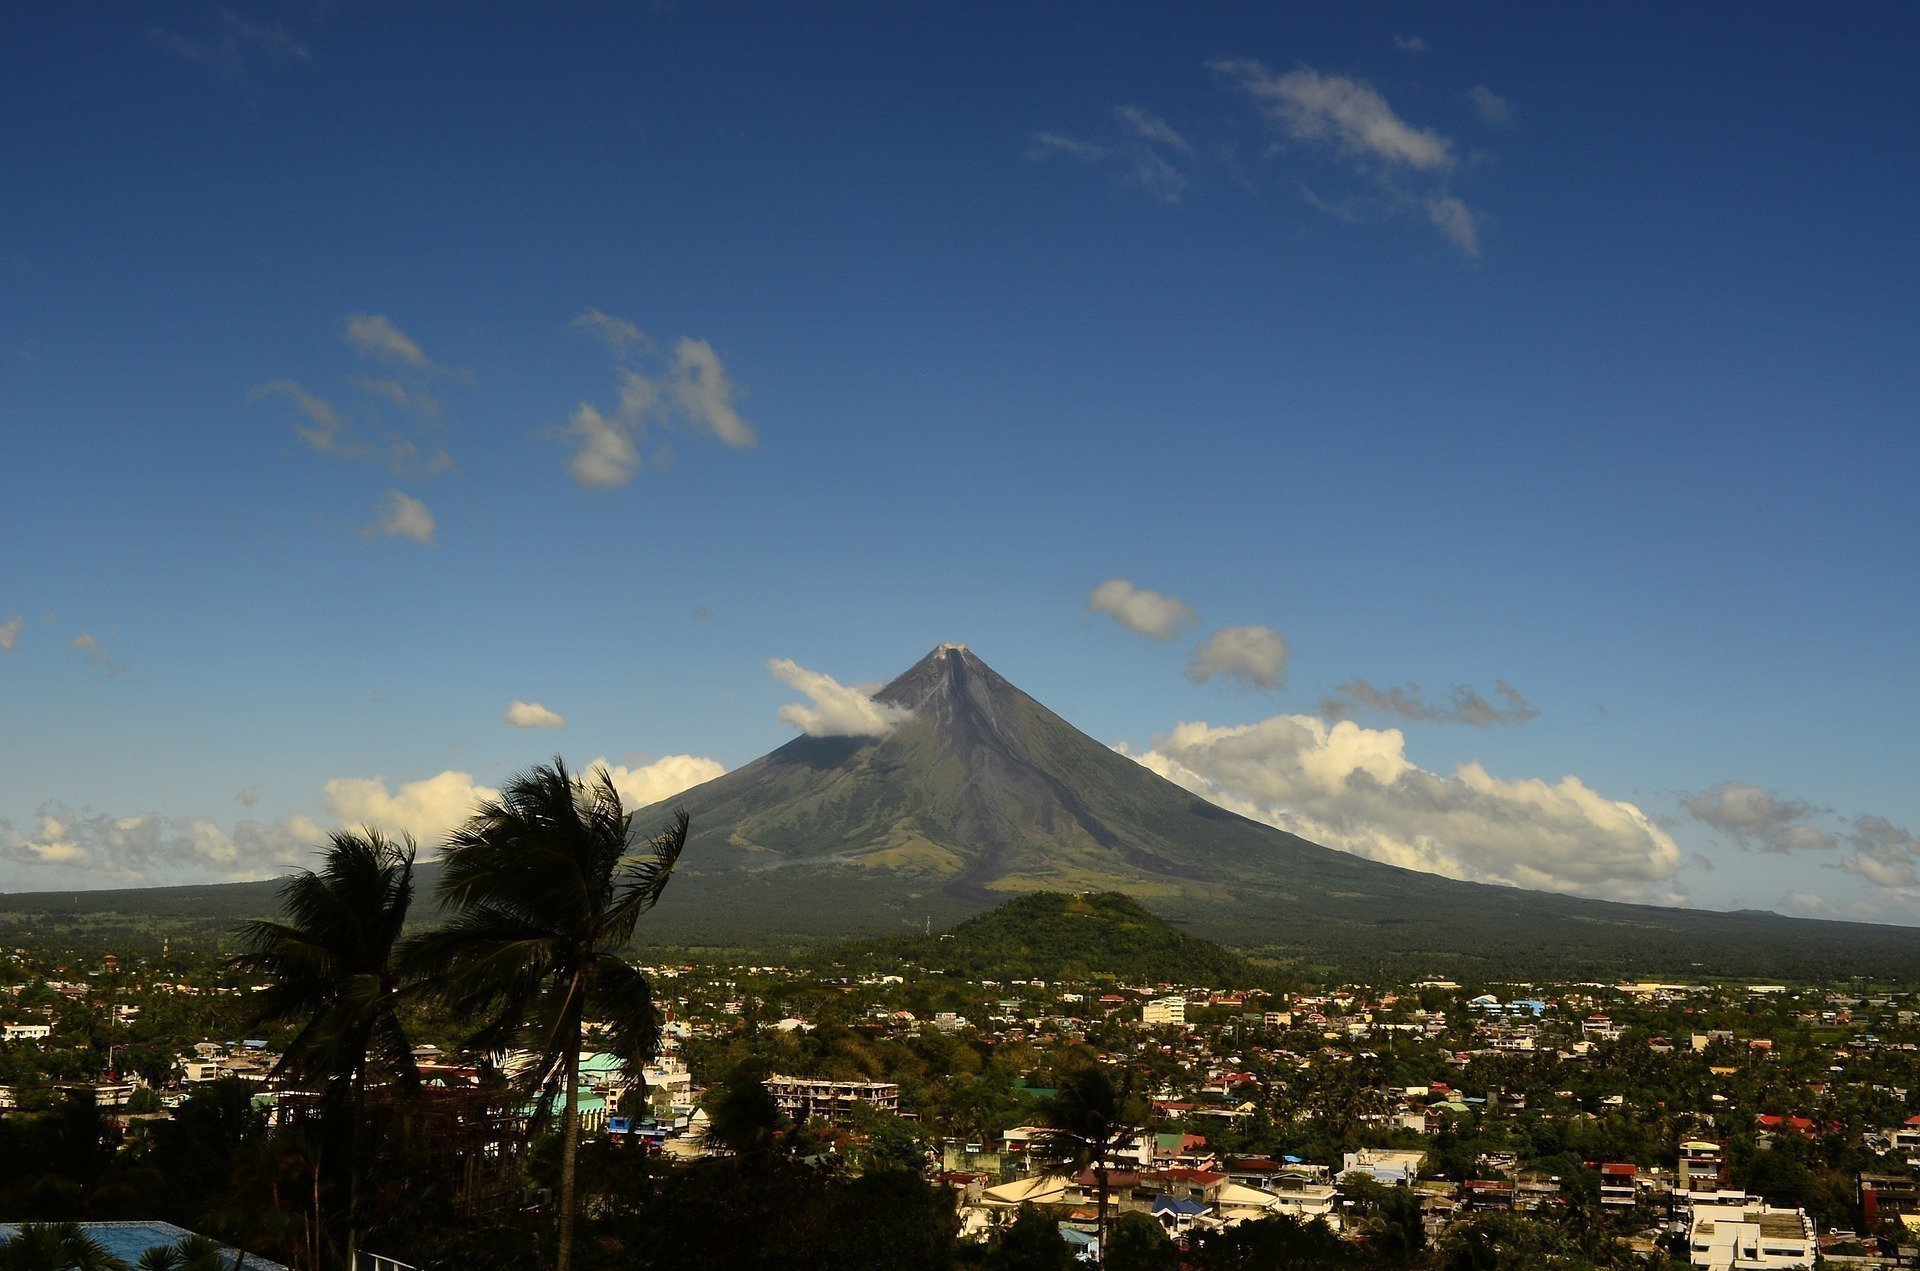 Vista panoramica del monte Mayon a Legazpi nelle Filippine